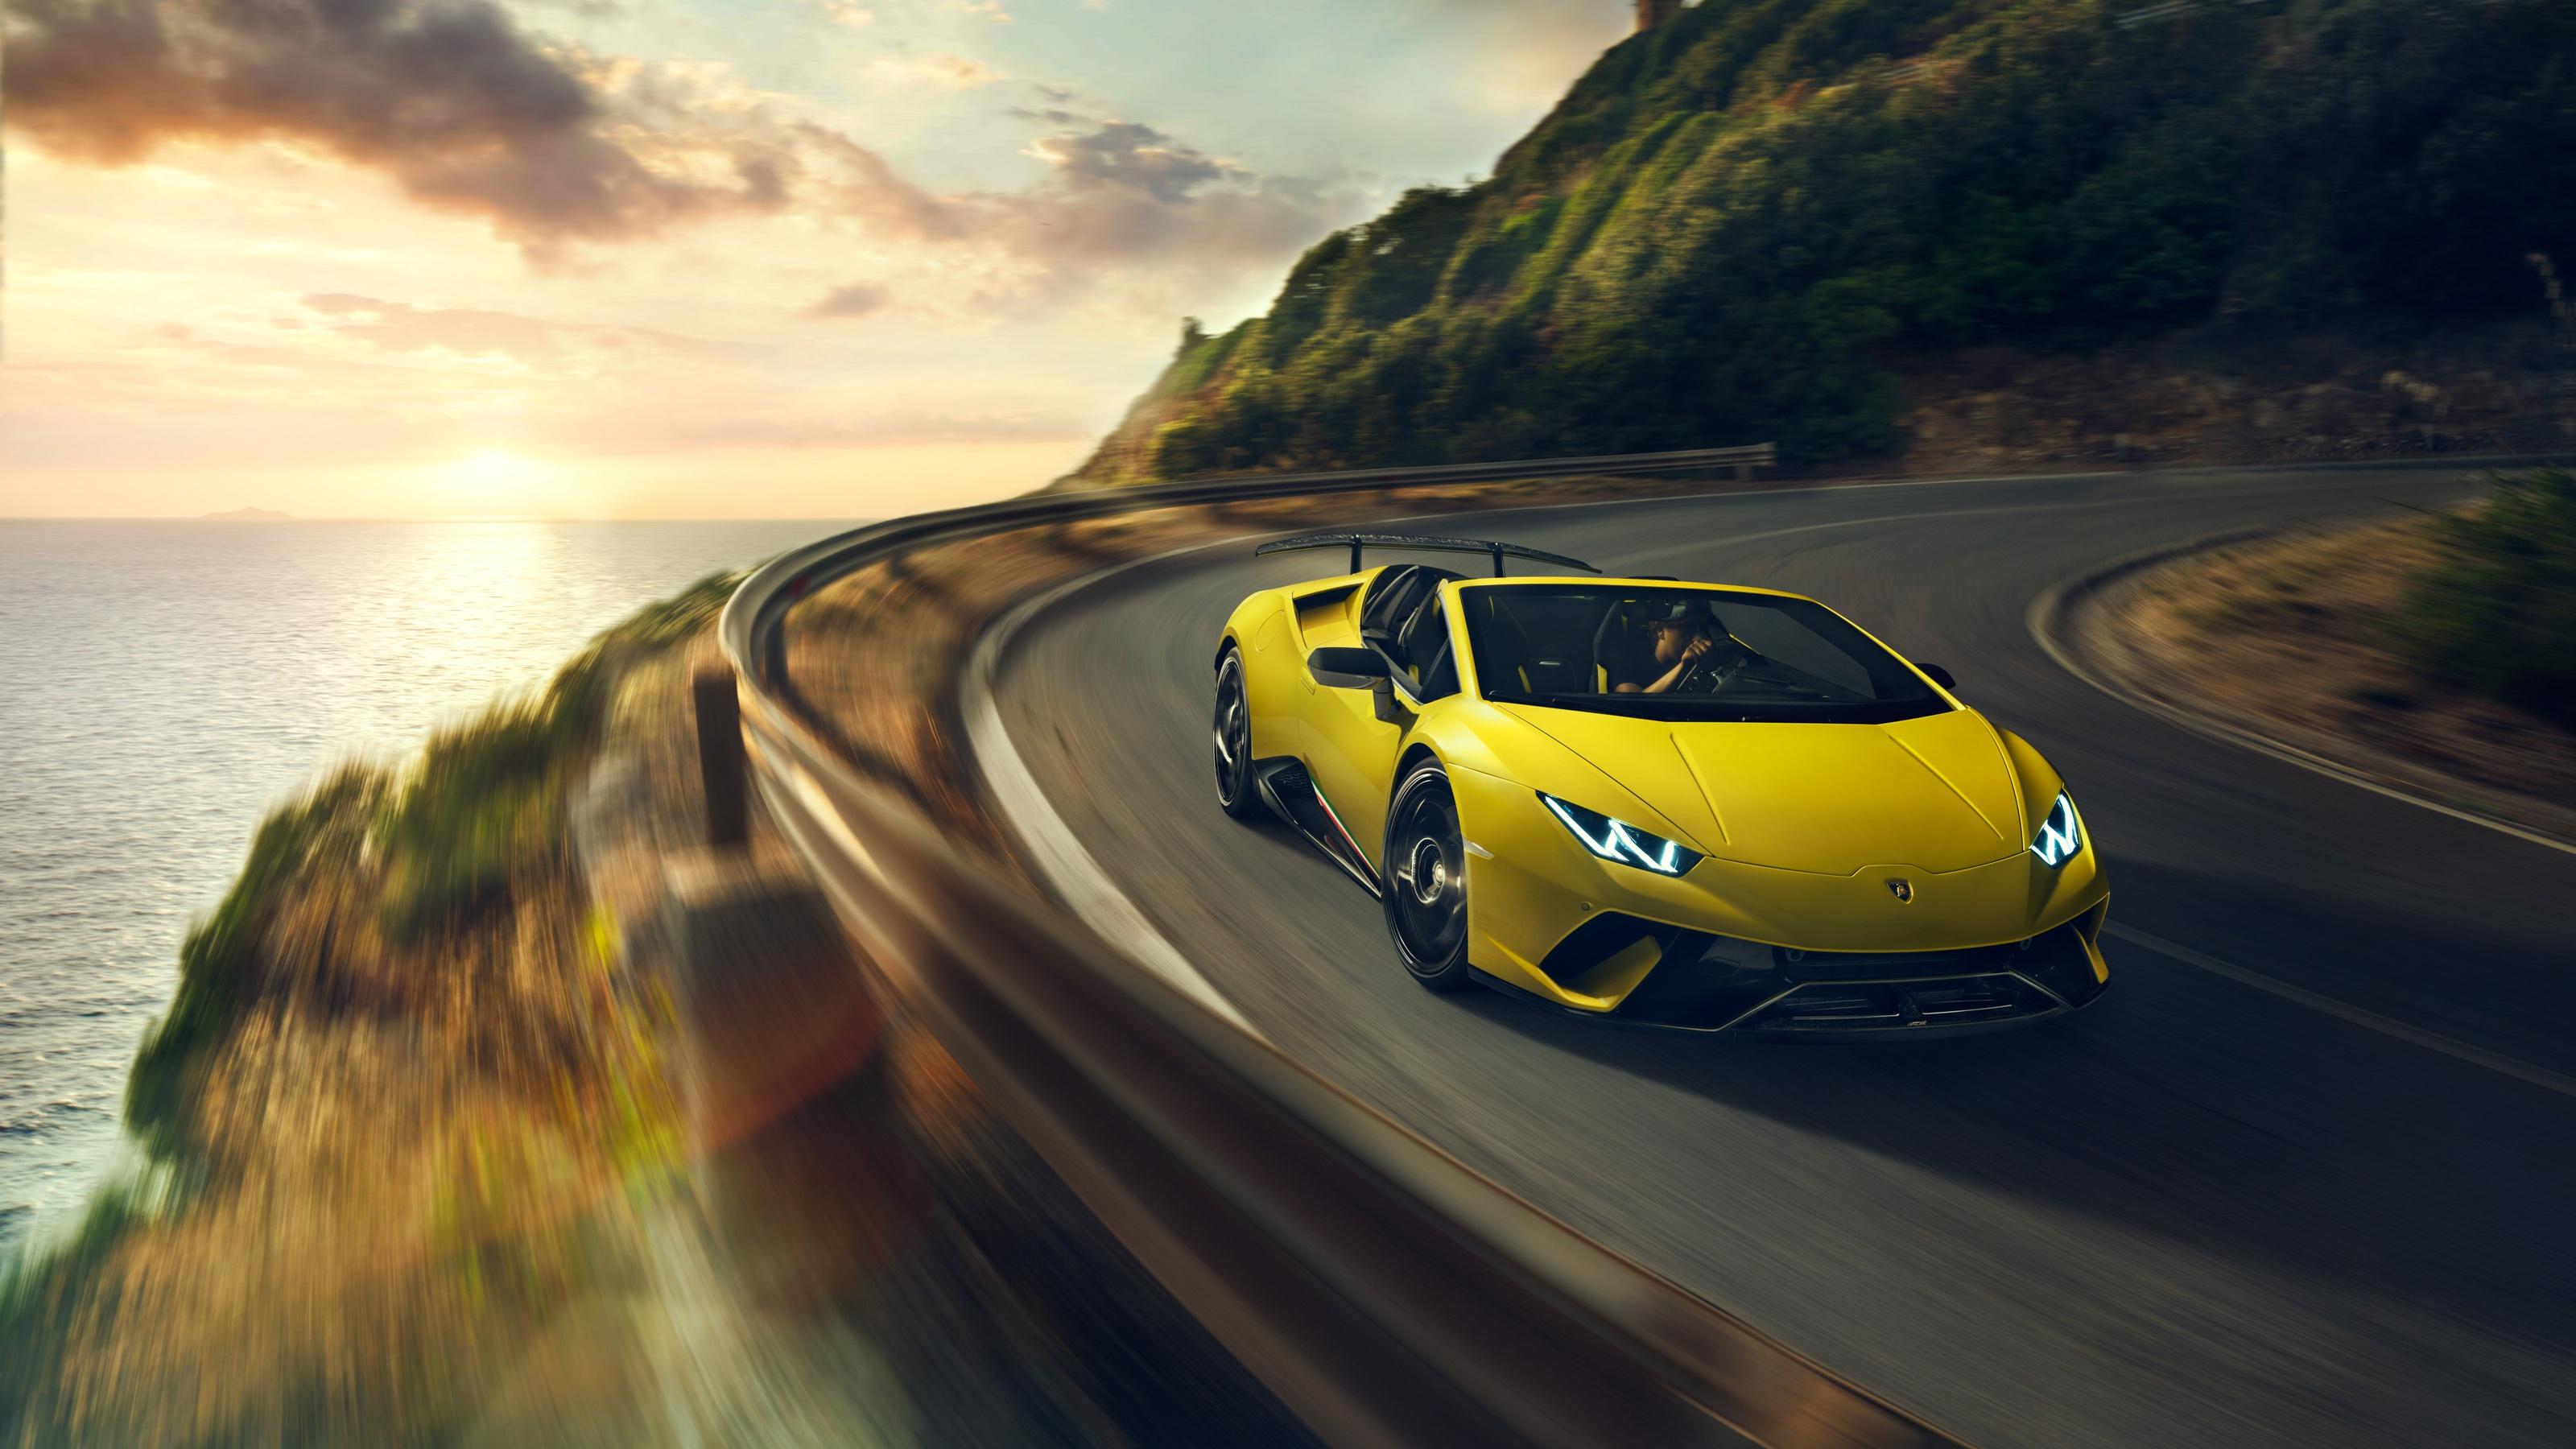 2019 Lamborghini Huracan 4k Hd Cars 4k Wallpapers Images